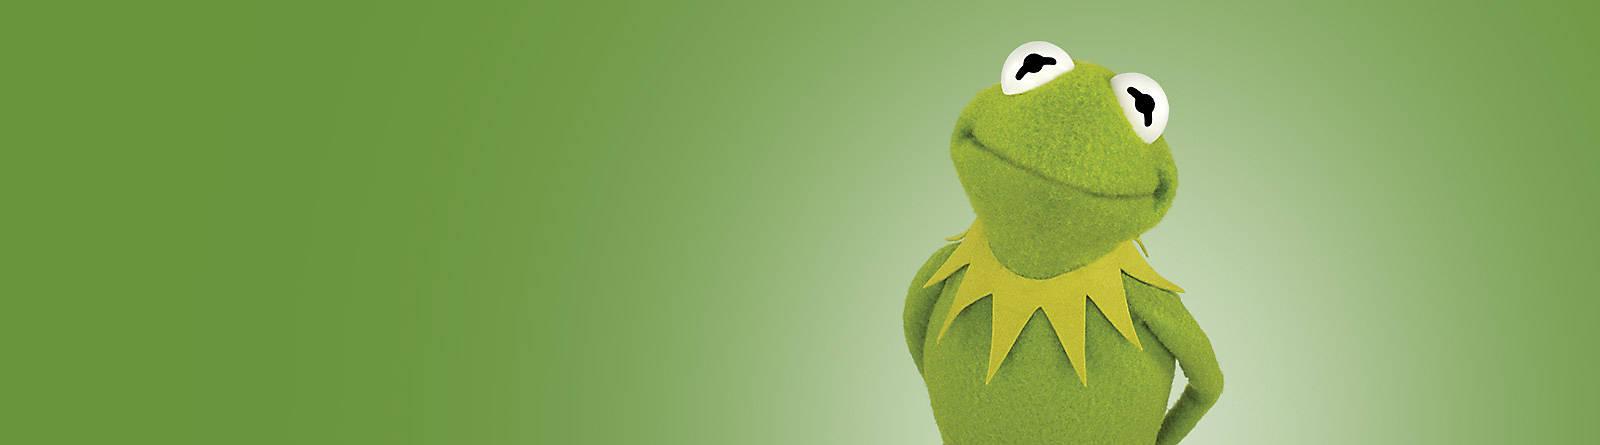 I Muppets Scopri tutta la nostra linea più sensazionale, celebrativa, divertente: quella dedicata  agli indimenticabili Muppets, vieni a dare un'occhiata